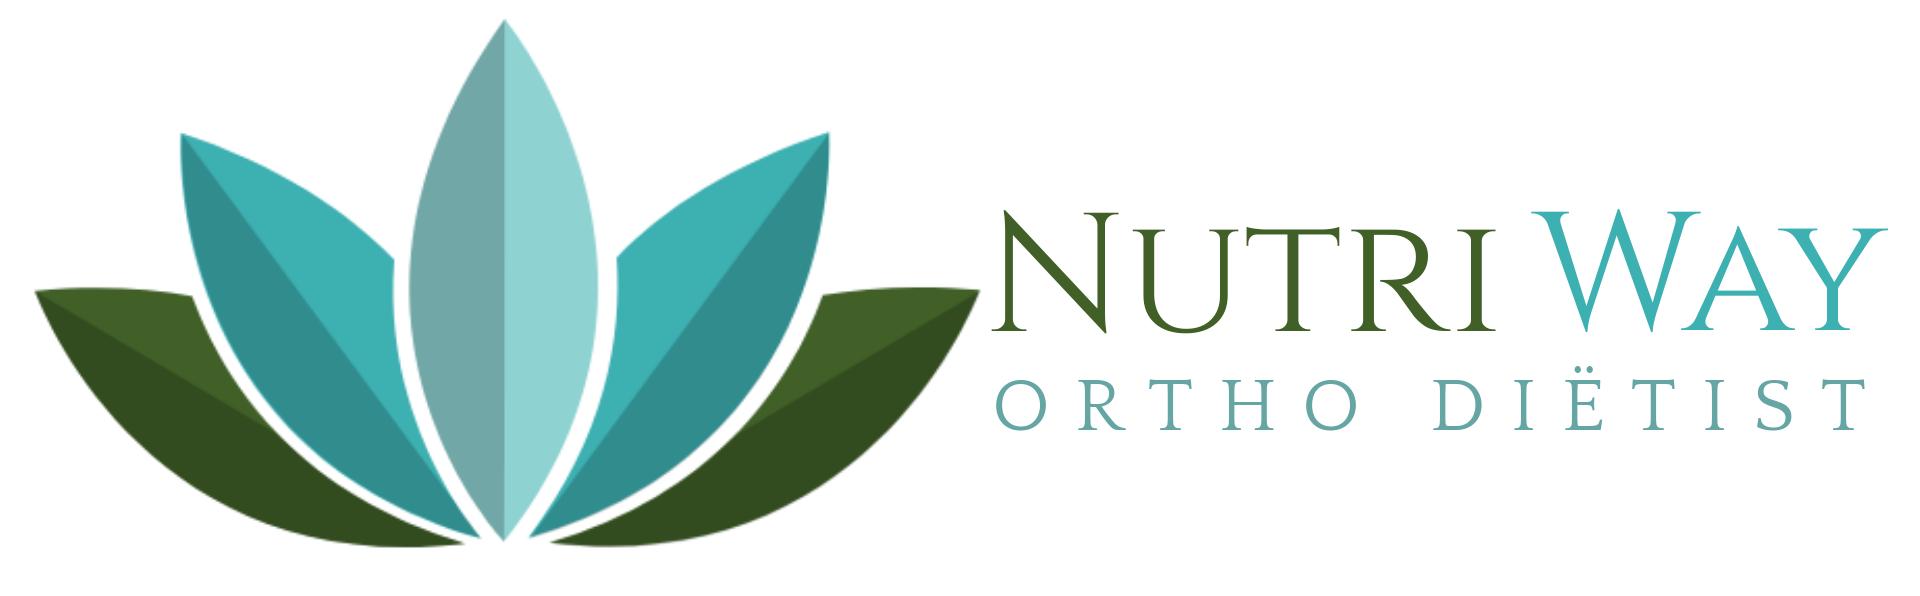 NutriWay